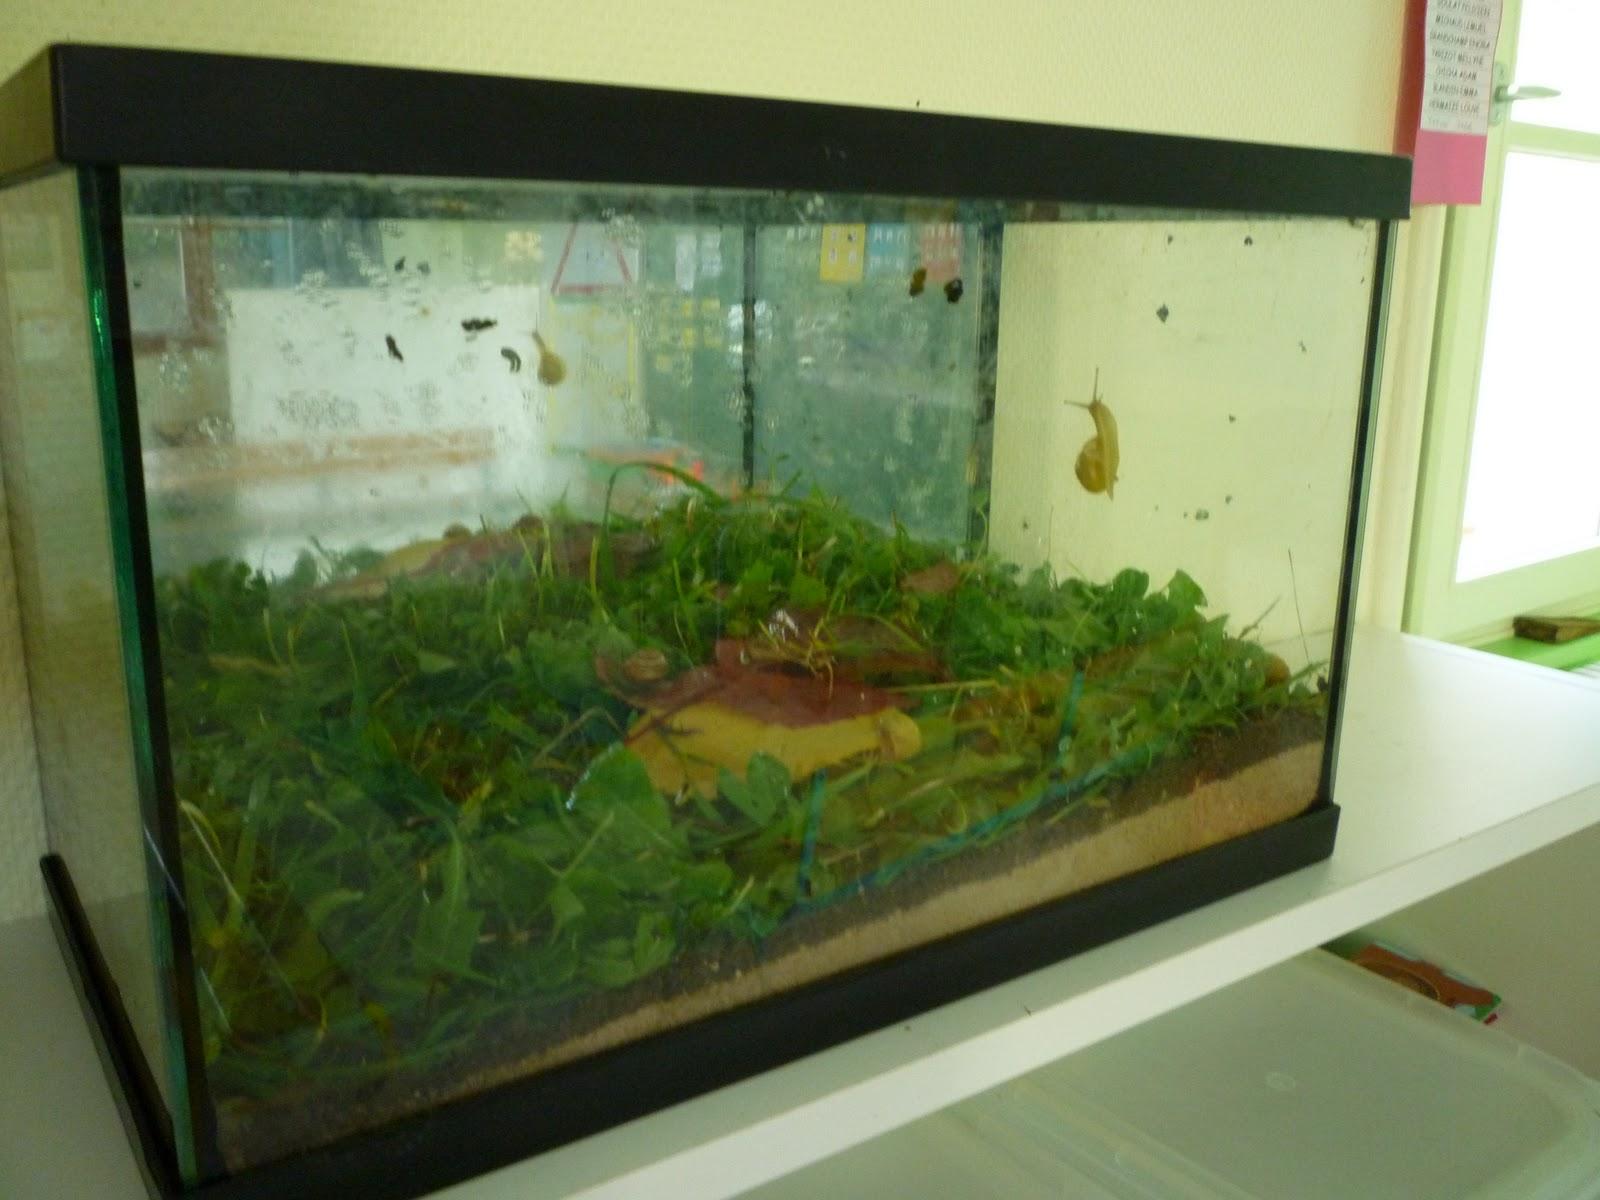 Souvent Ecole Maternelle Vitteaux: Elevage d'escargots chez les petits AO13